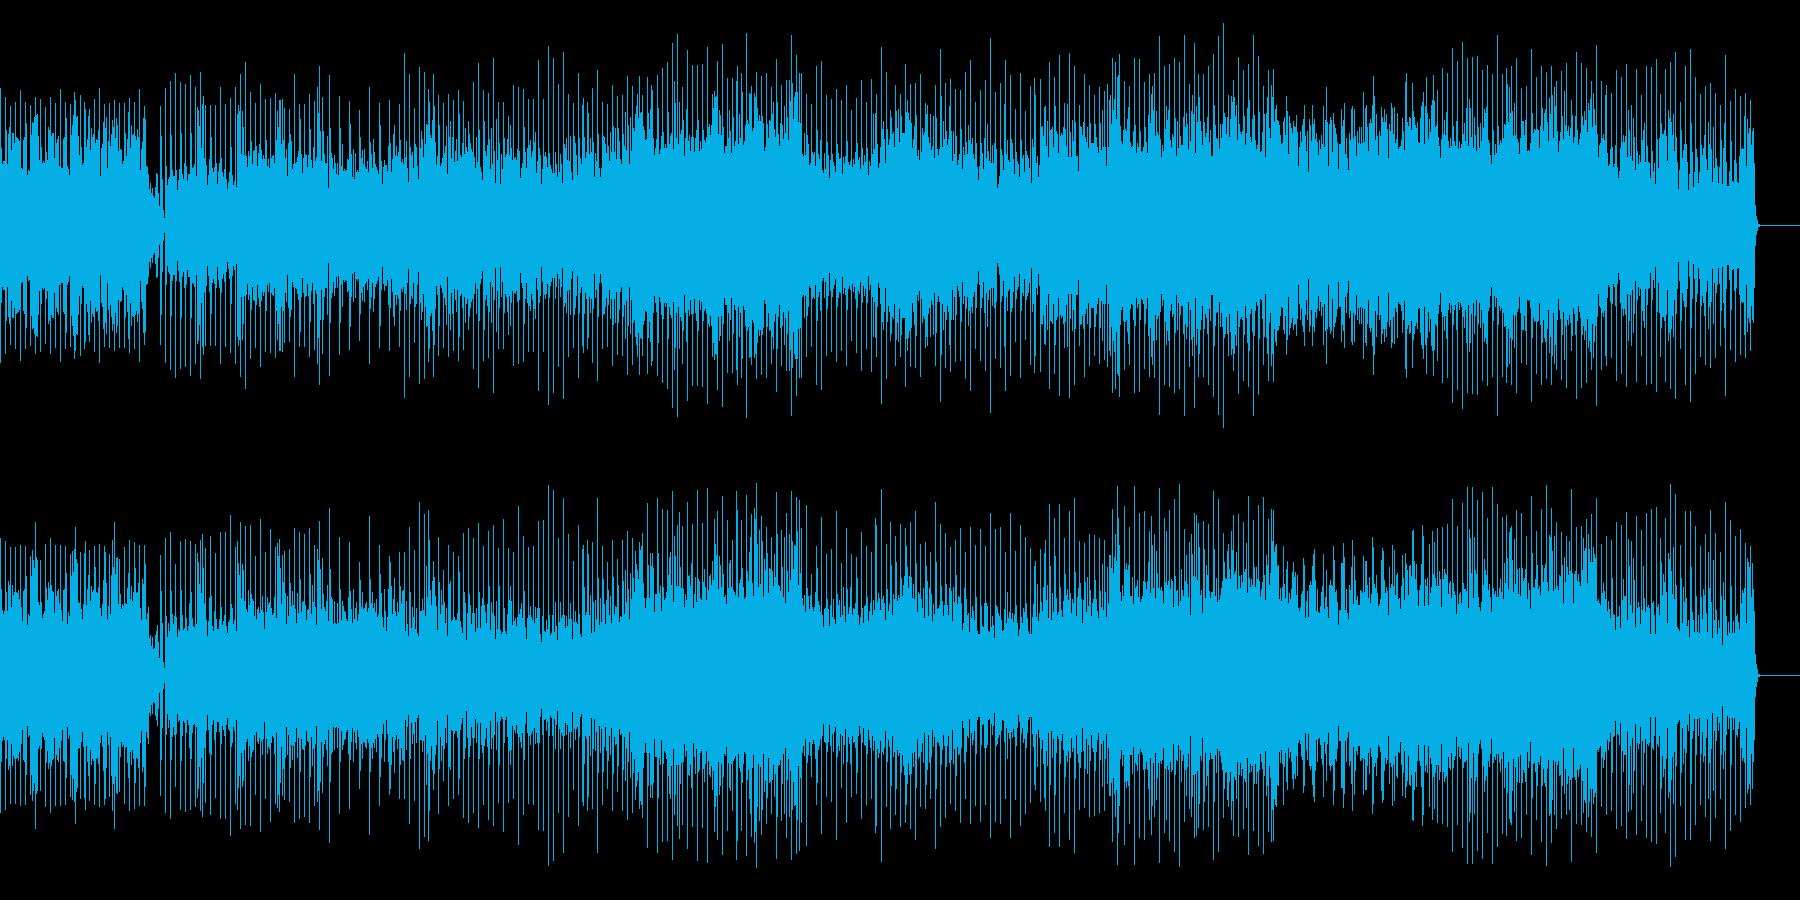 EDM/ポップメロ/ゲームサウンドの再生済みの波形